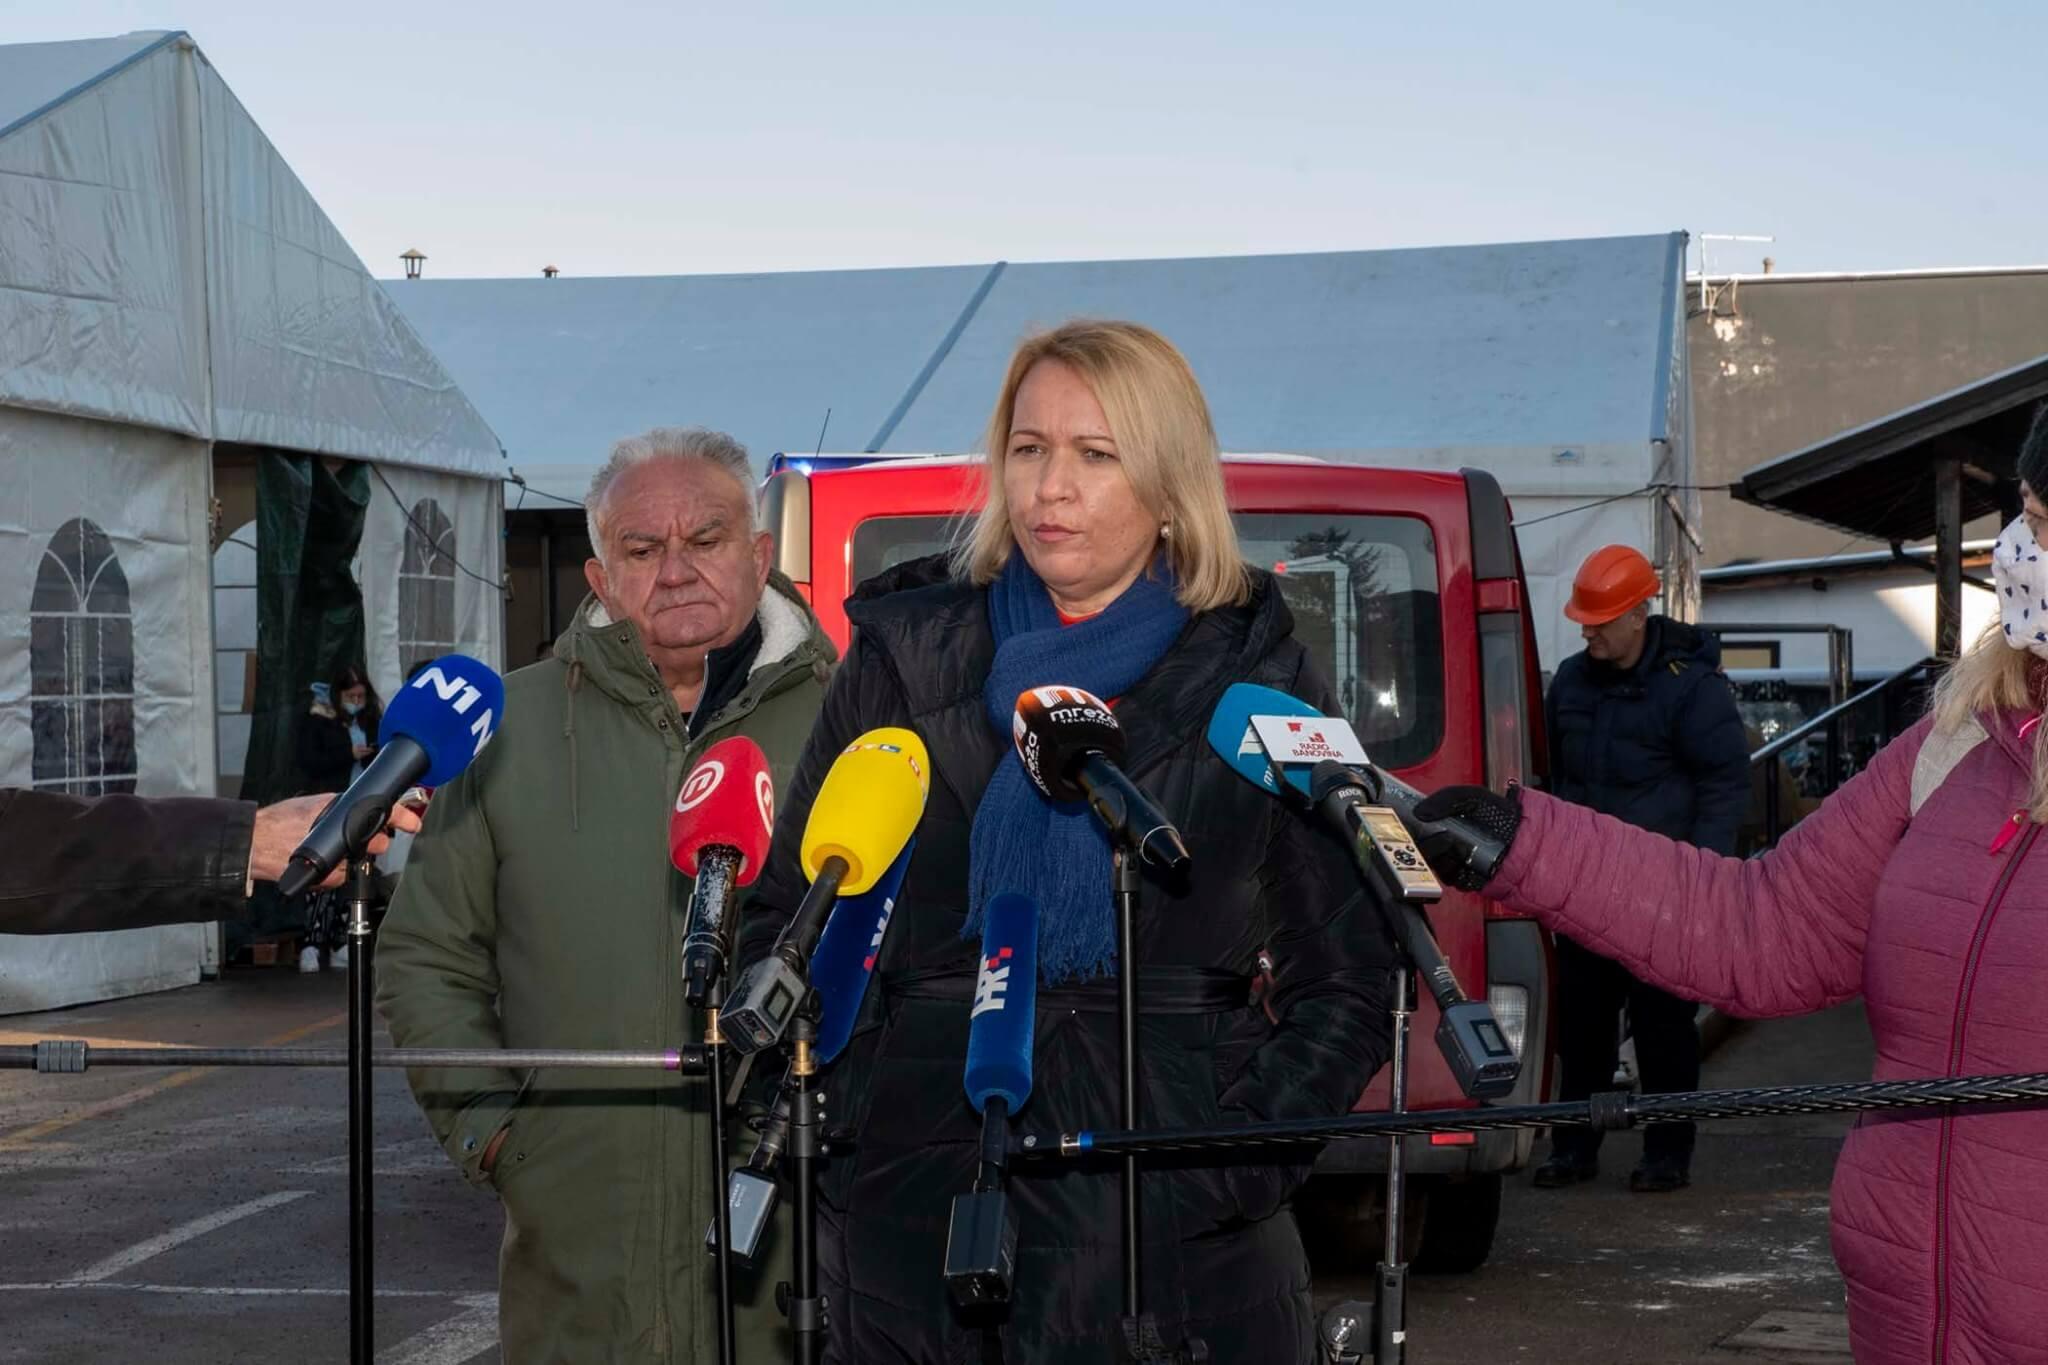 Gradonačelnica Siska: 'Nemoguće je organizirati nastavu, mnogi učitelji su zatražili plaćeni dopust'